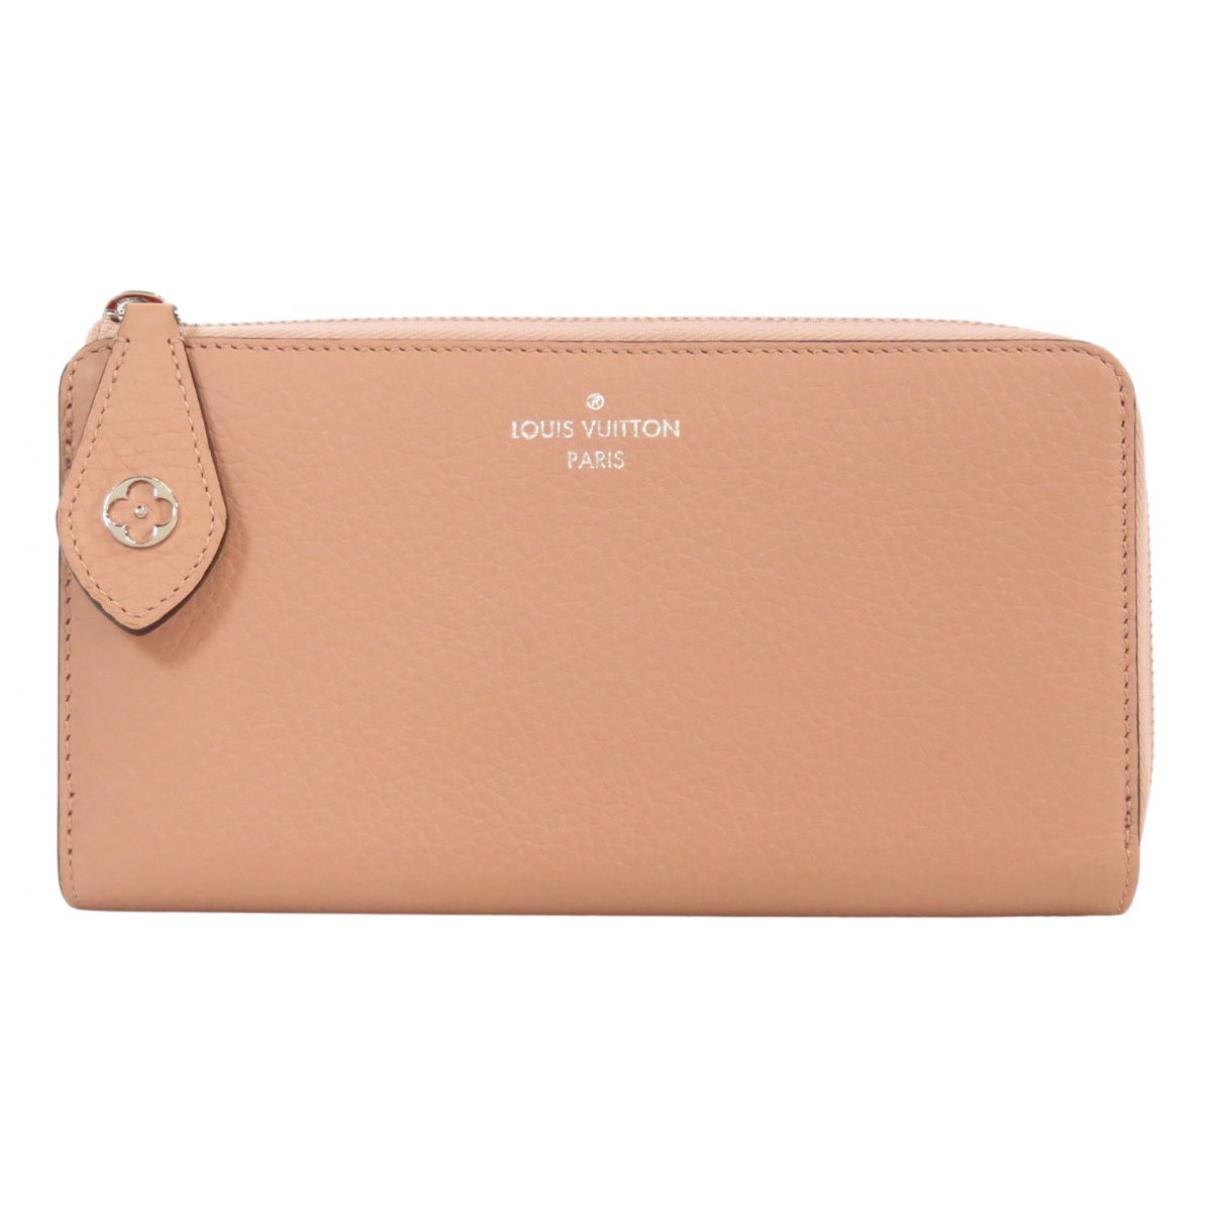 Louis Vuitton - Portefeuille Zippy pour femme en cuir - rose